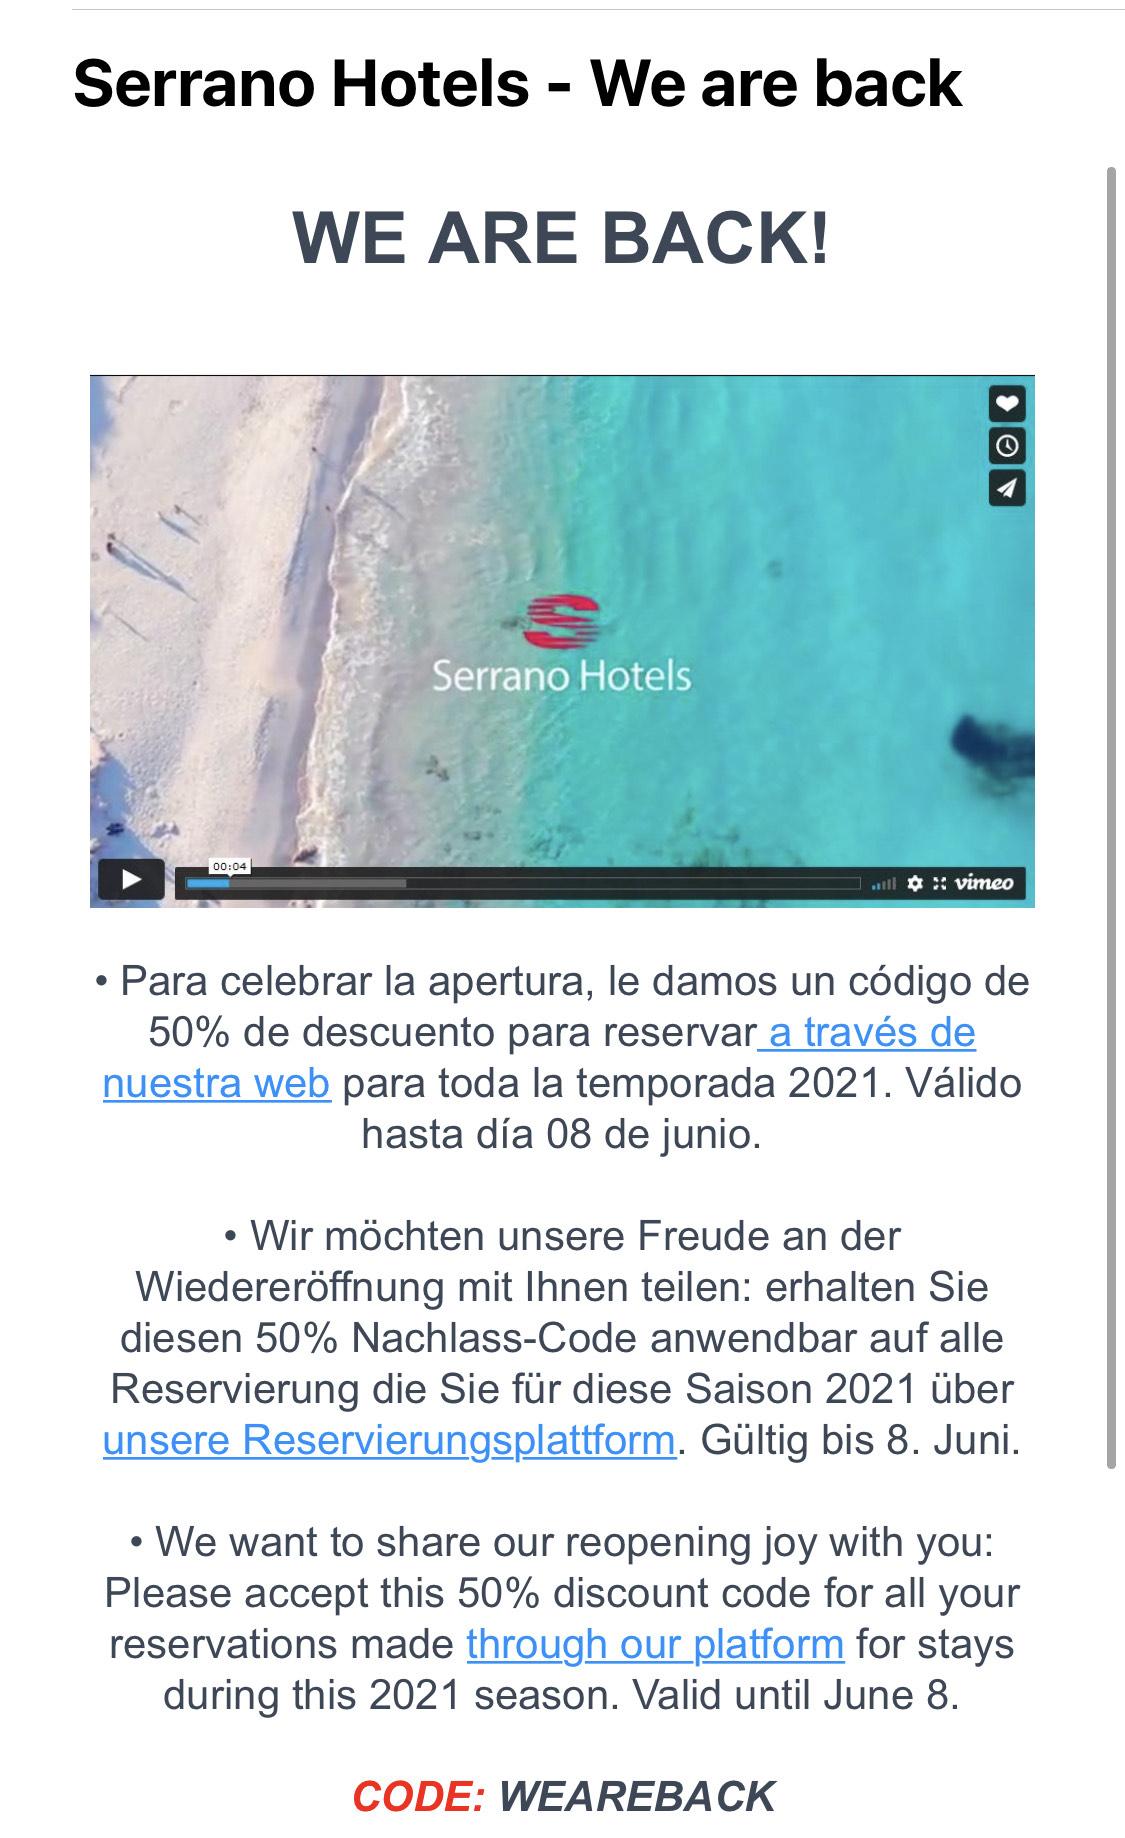 Serrano Hotels Mallorca Cala Ratjada